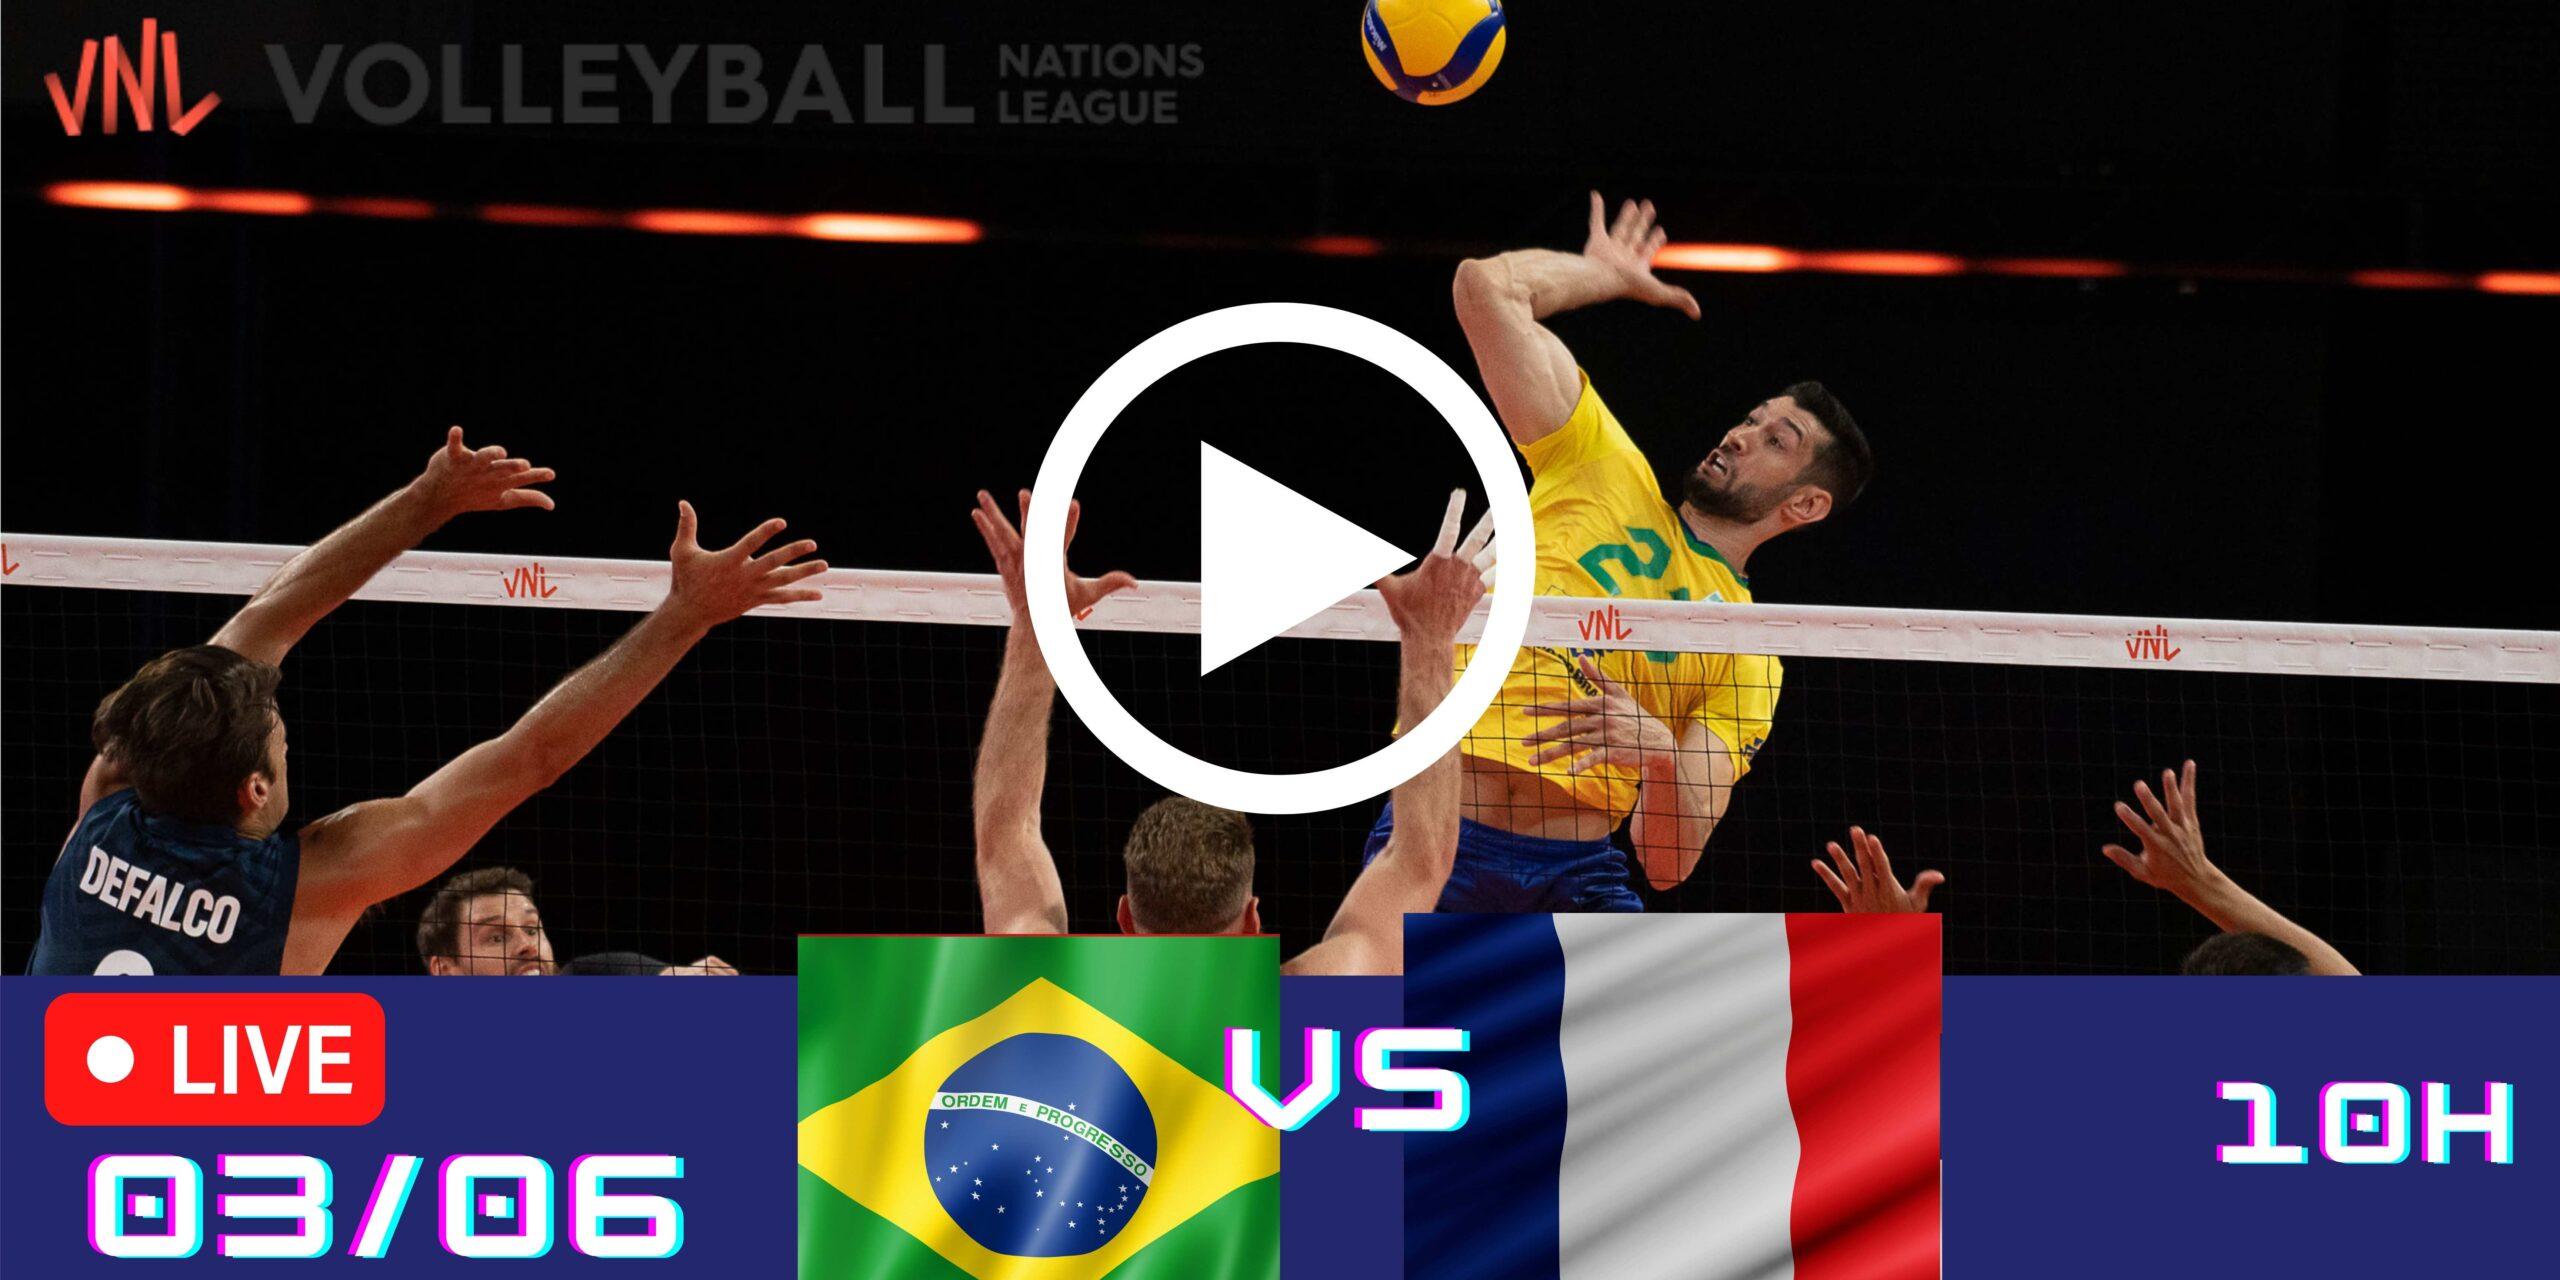 Resultado: Brasil 0 vs 3 França – Liga das Nações – 03/06 – 10h